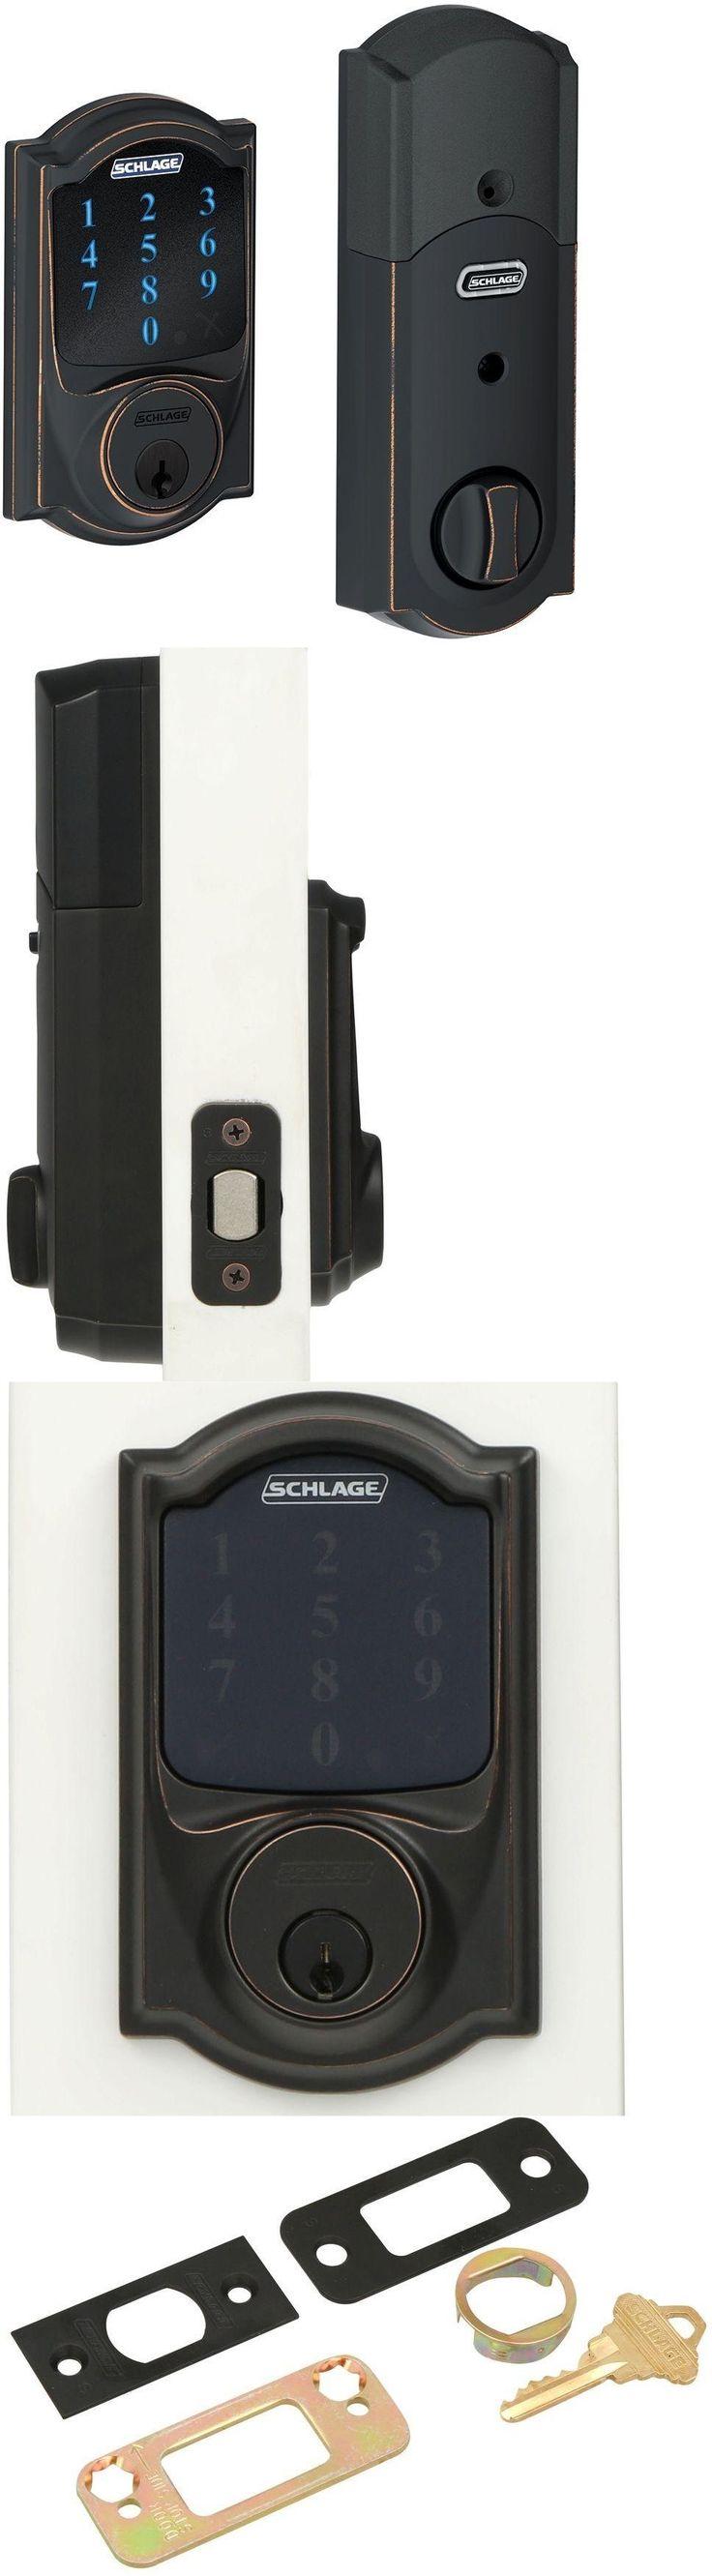 Door Locks and Lock Mechanisms 180966: Alarm Touchscreen Deadbolt Door Lock Wink Locks Keyless Wi Fi Wave Electronic -> BUY IT NOW ONLY: $241.65 on eBay!